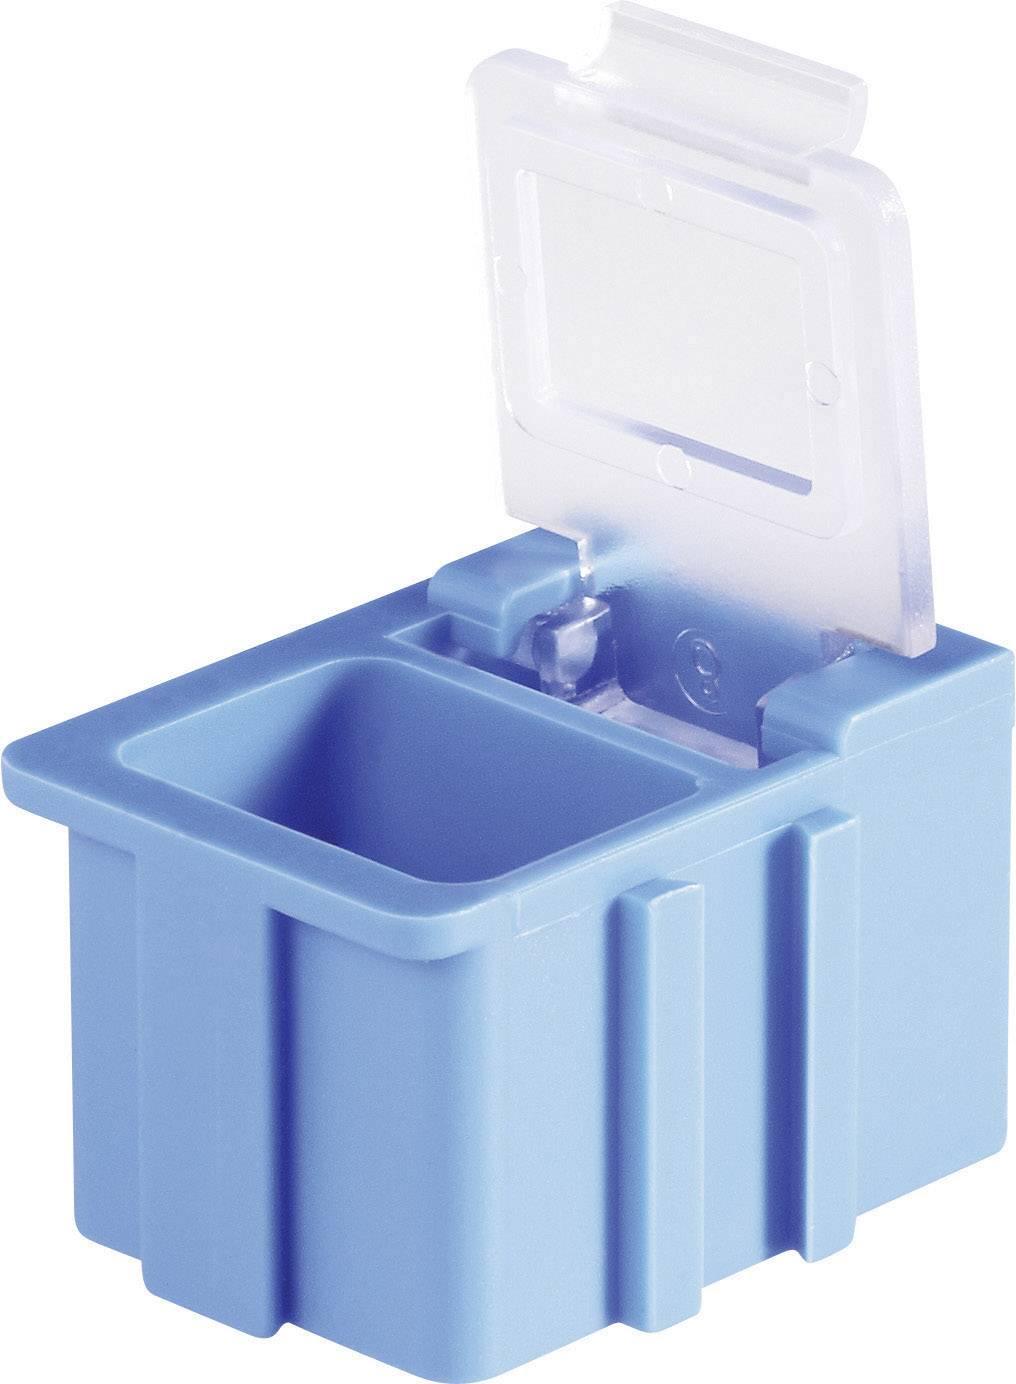 SMD BOX1 MODRÝ/PRUHLEDNÝ